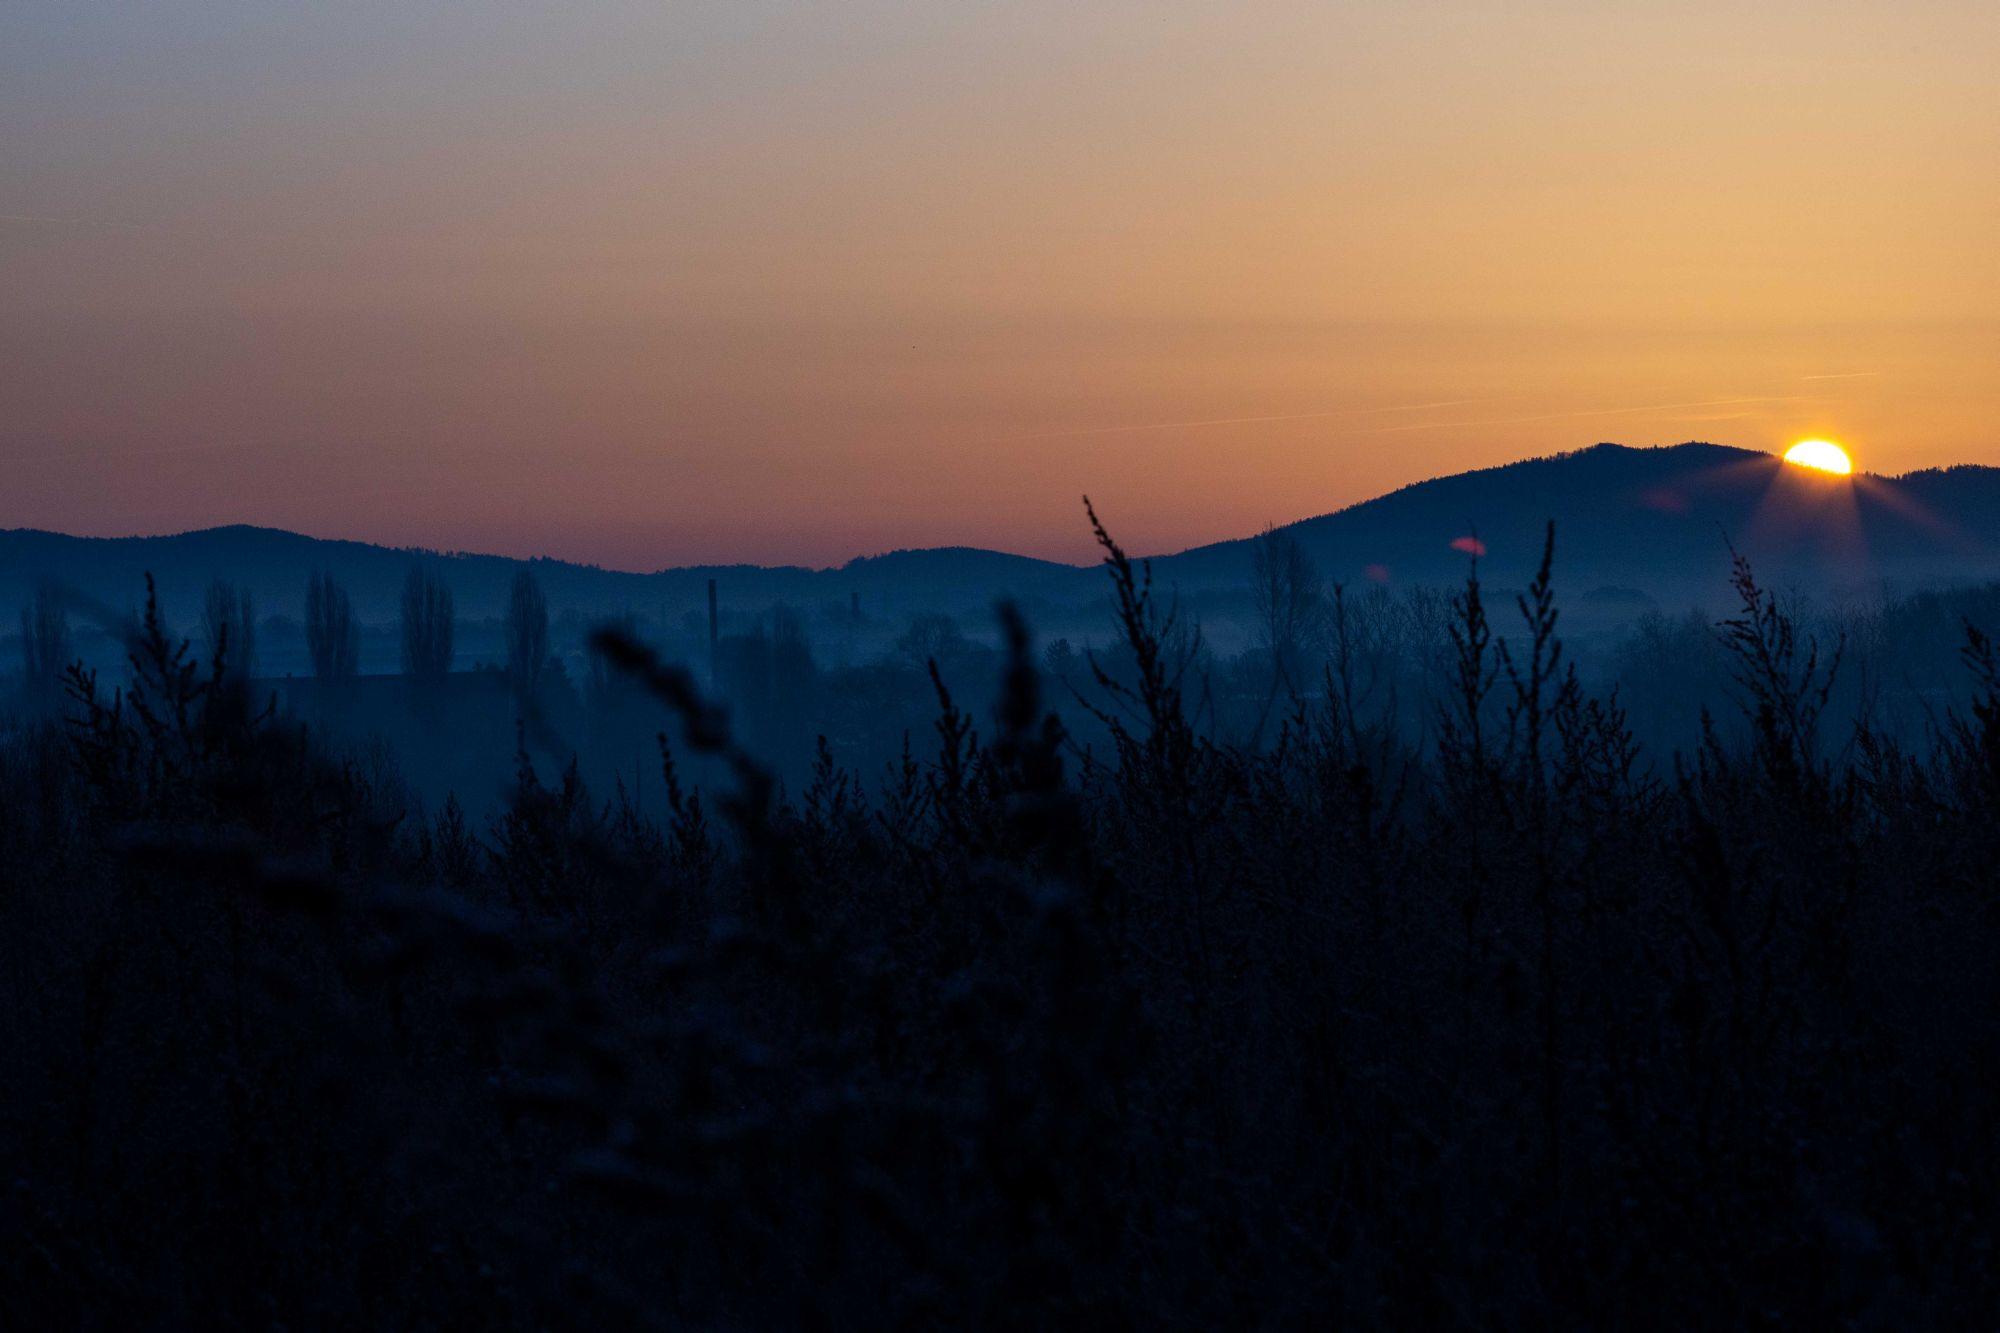 Świdnica, os. Zawiszów, 9 luty 2020, fot. Szymon Skirgajłło